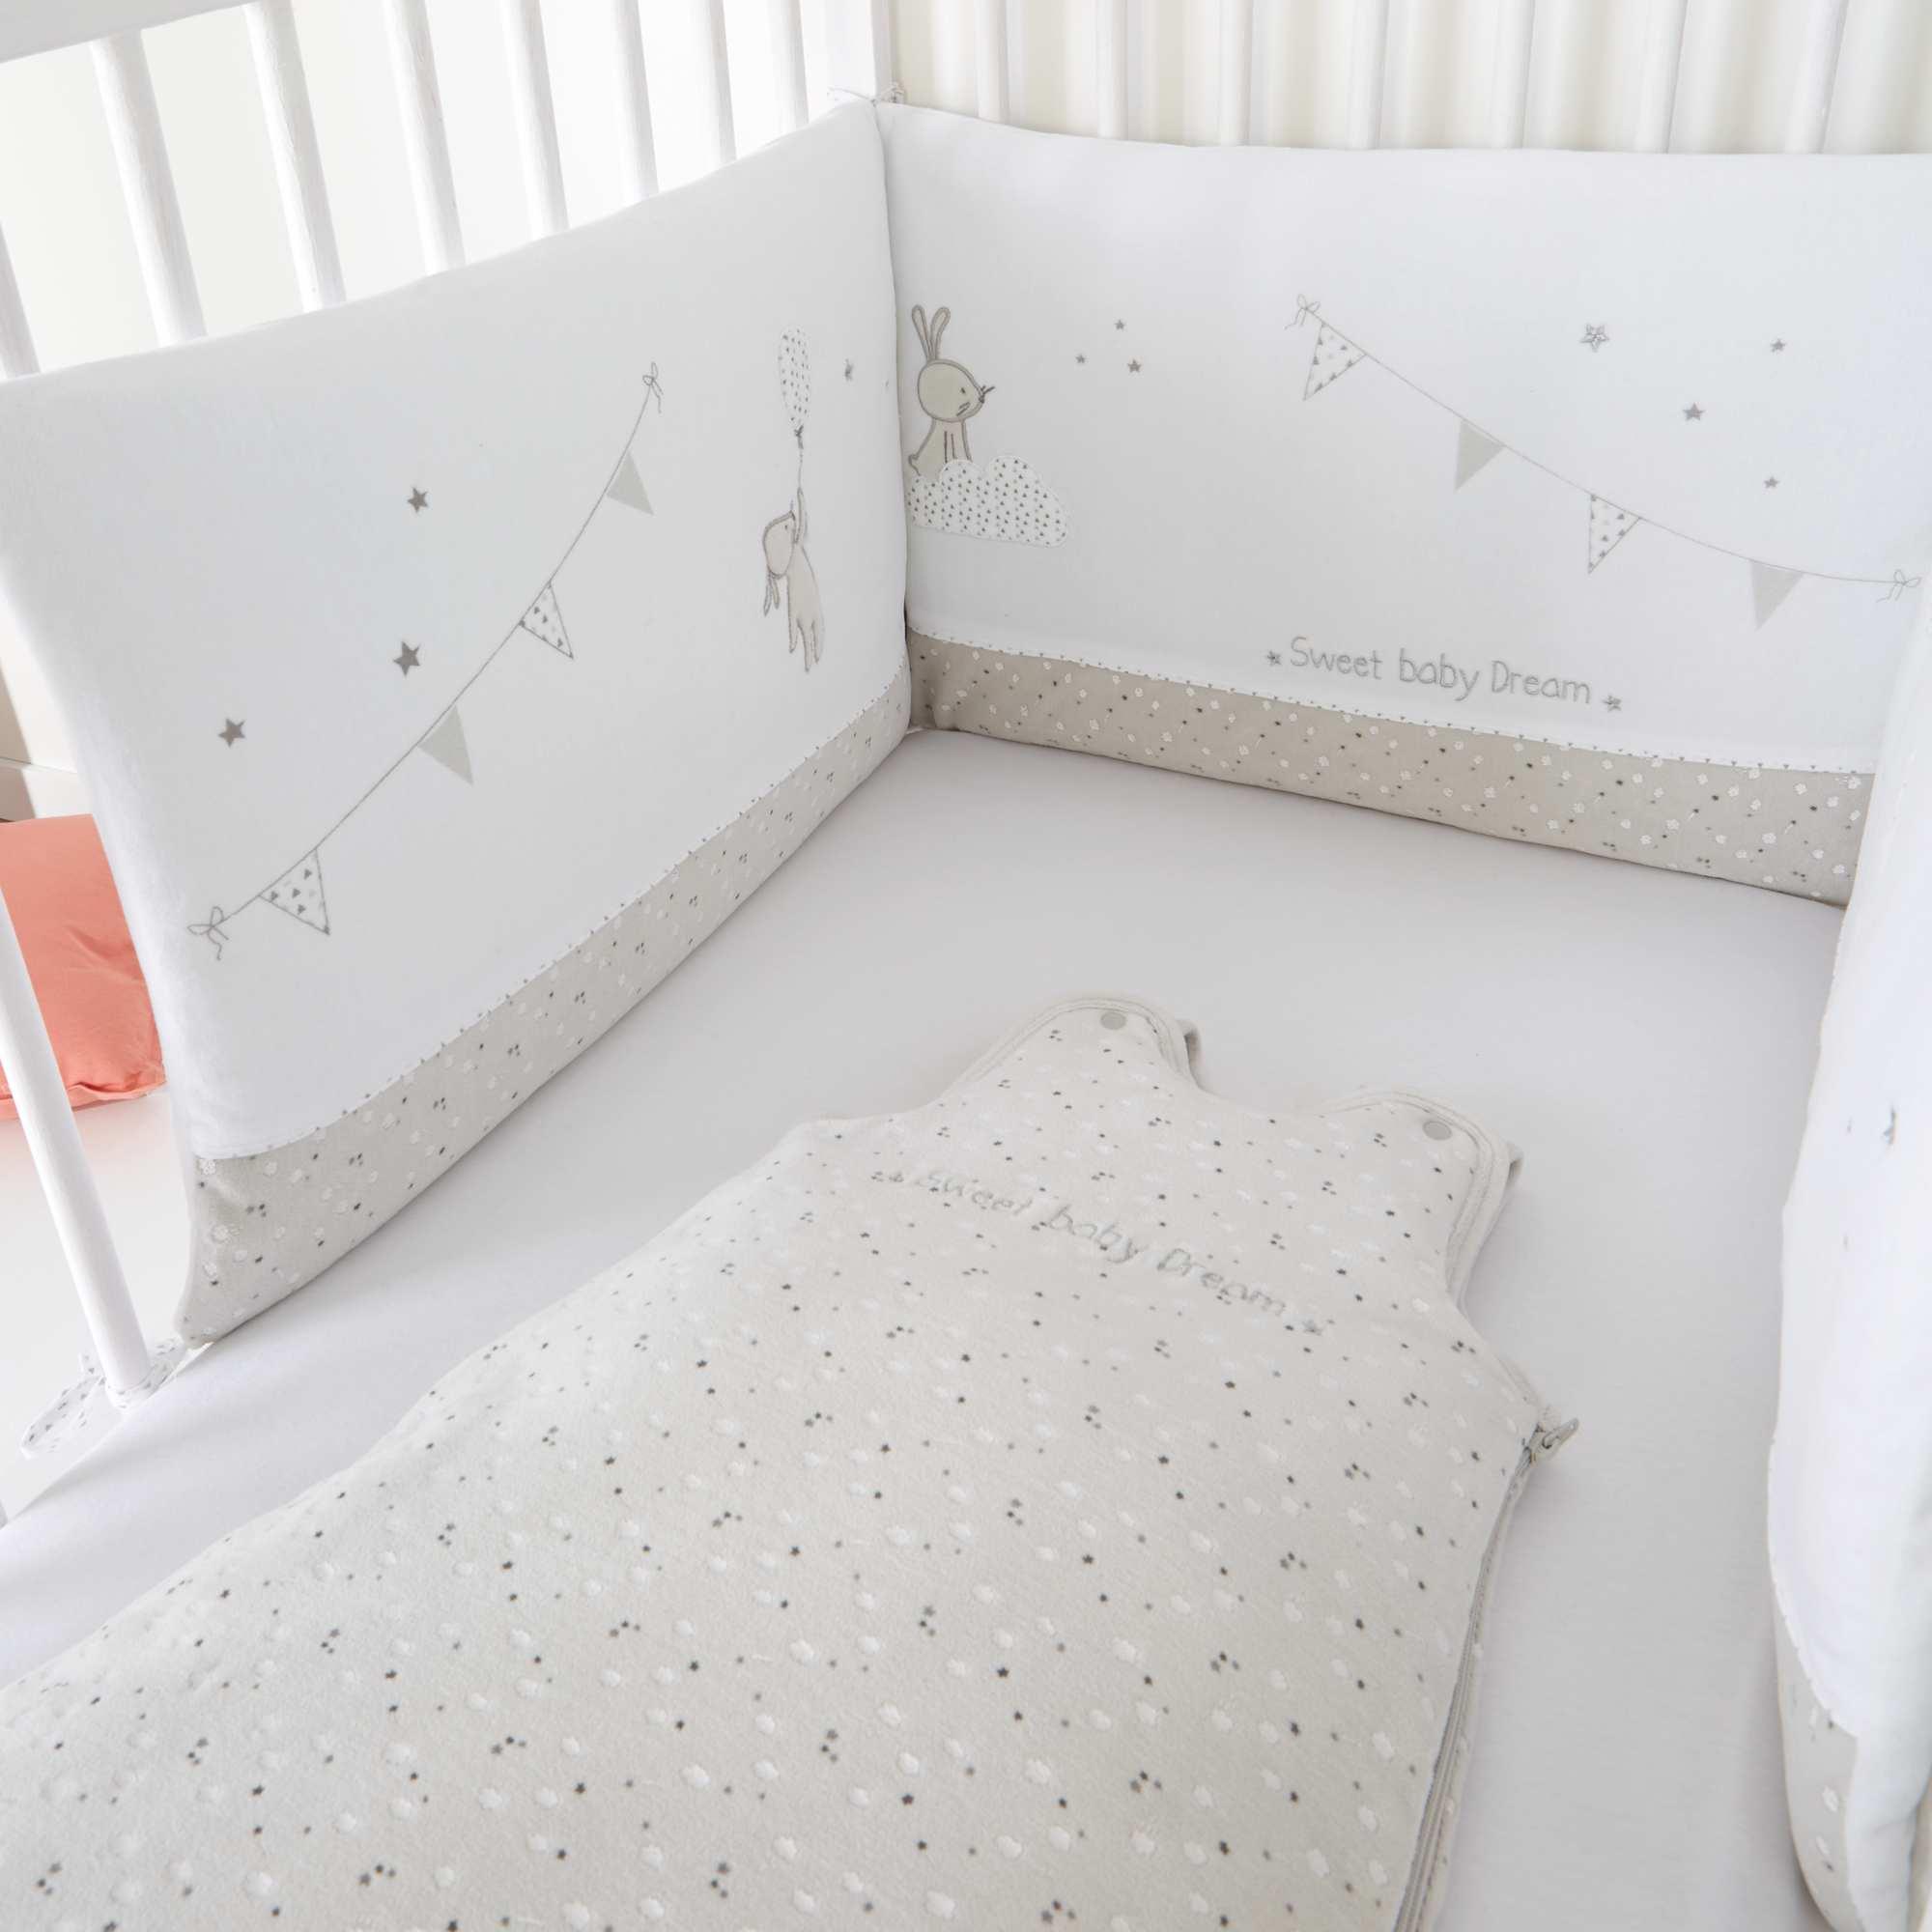 Tour de lit bébé pas cher kiabi - Famille et bébé